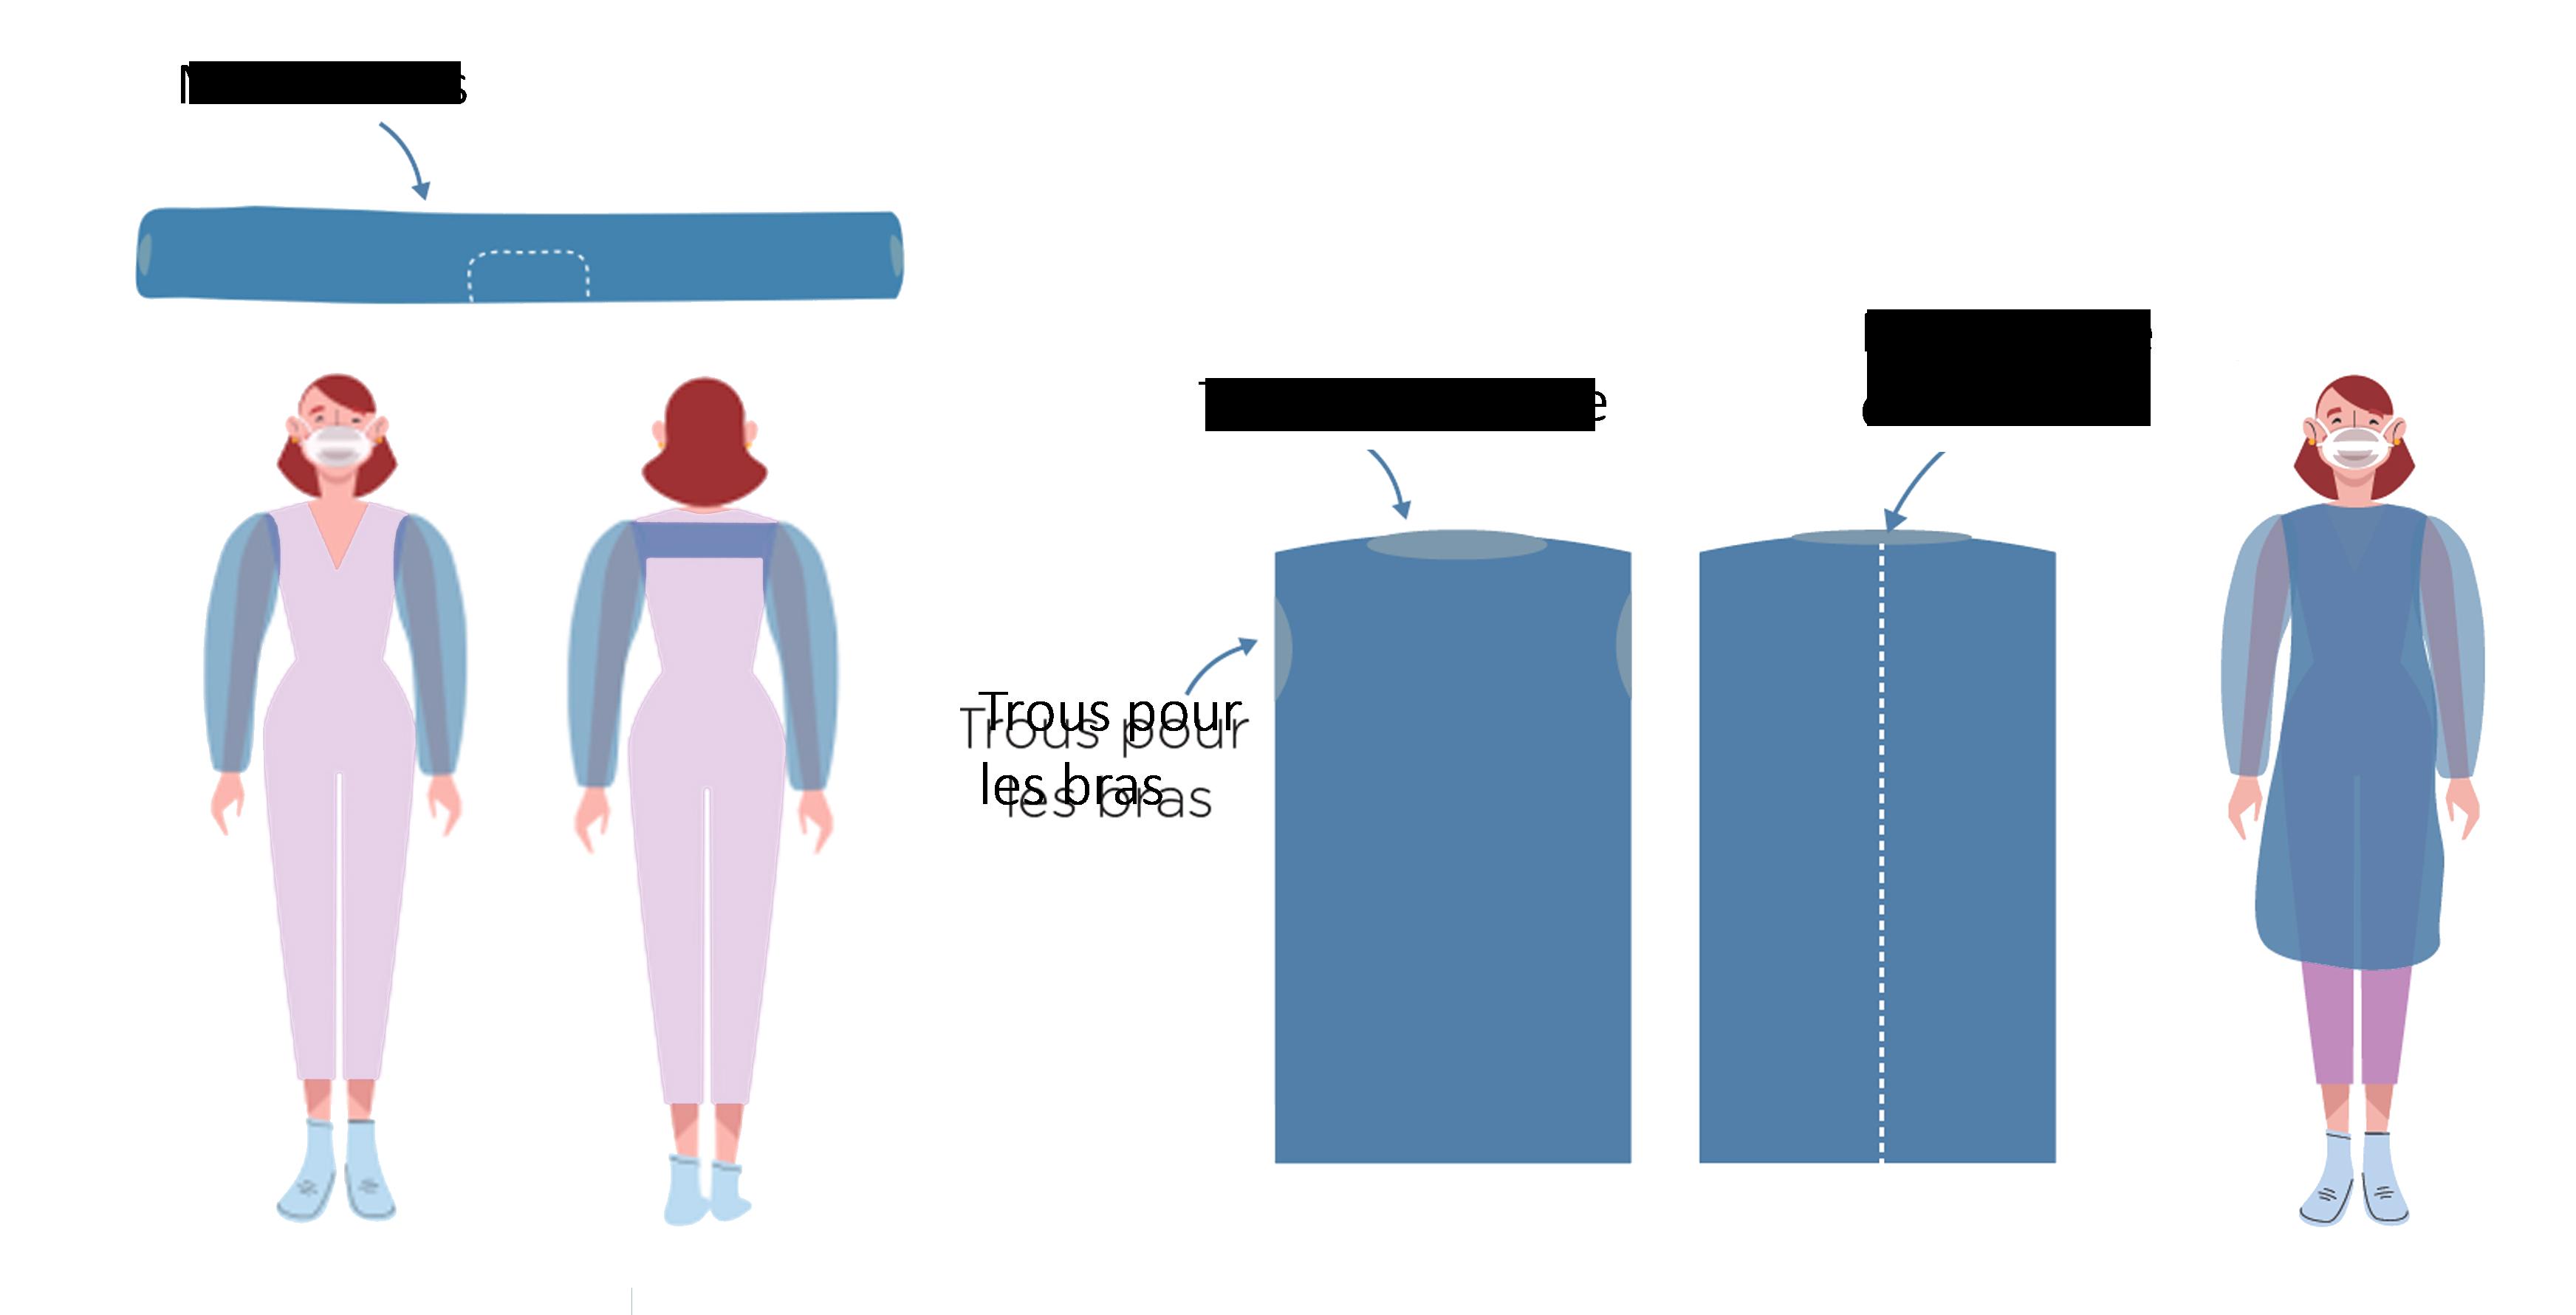 Kit de protection à usage unique pour le personnel soignant composé d'une sur-blouse et des manchettespolyéthylène